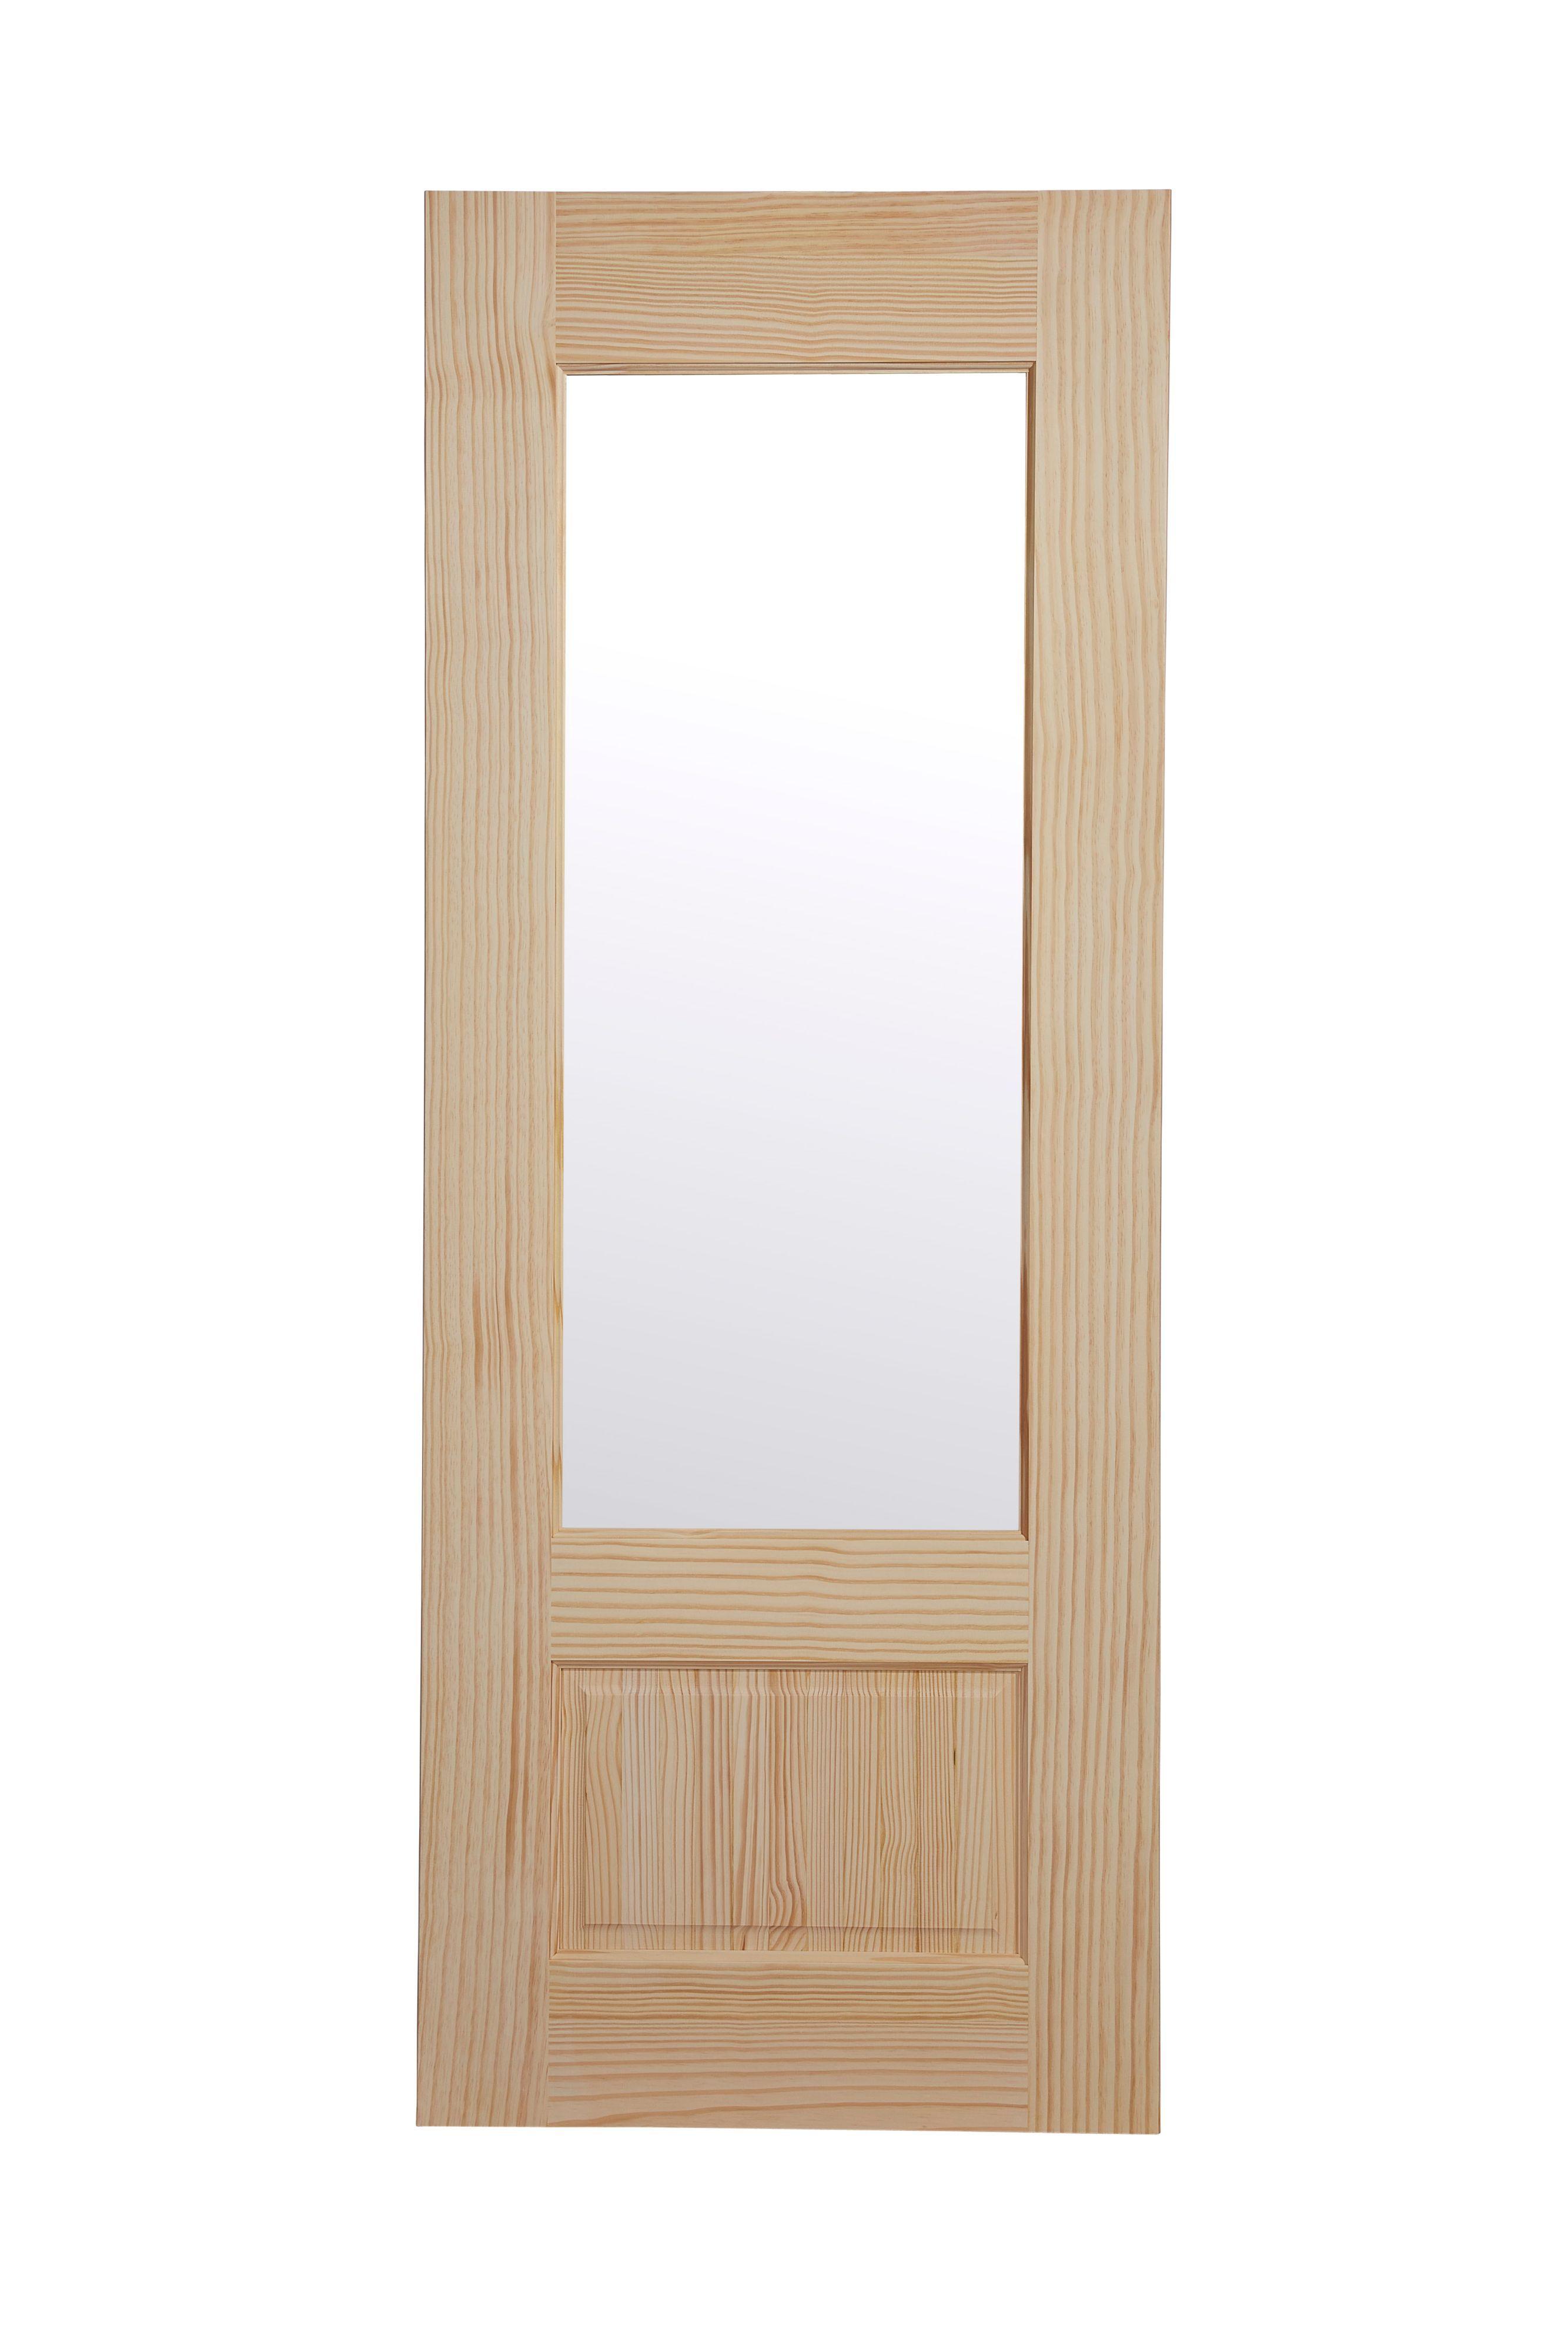 panel clear pine glazed internal door hmm wmm